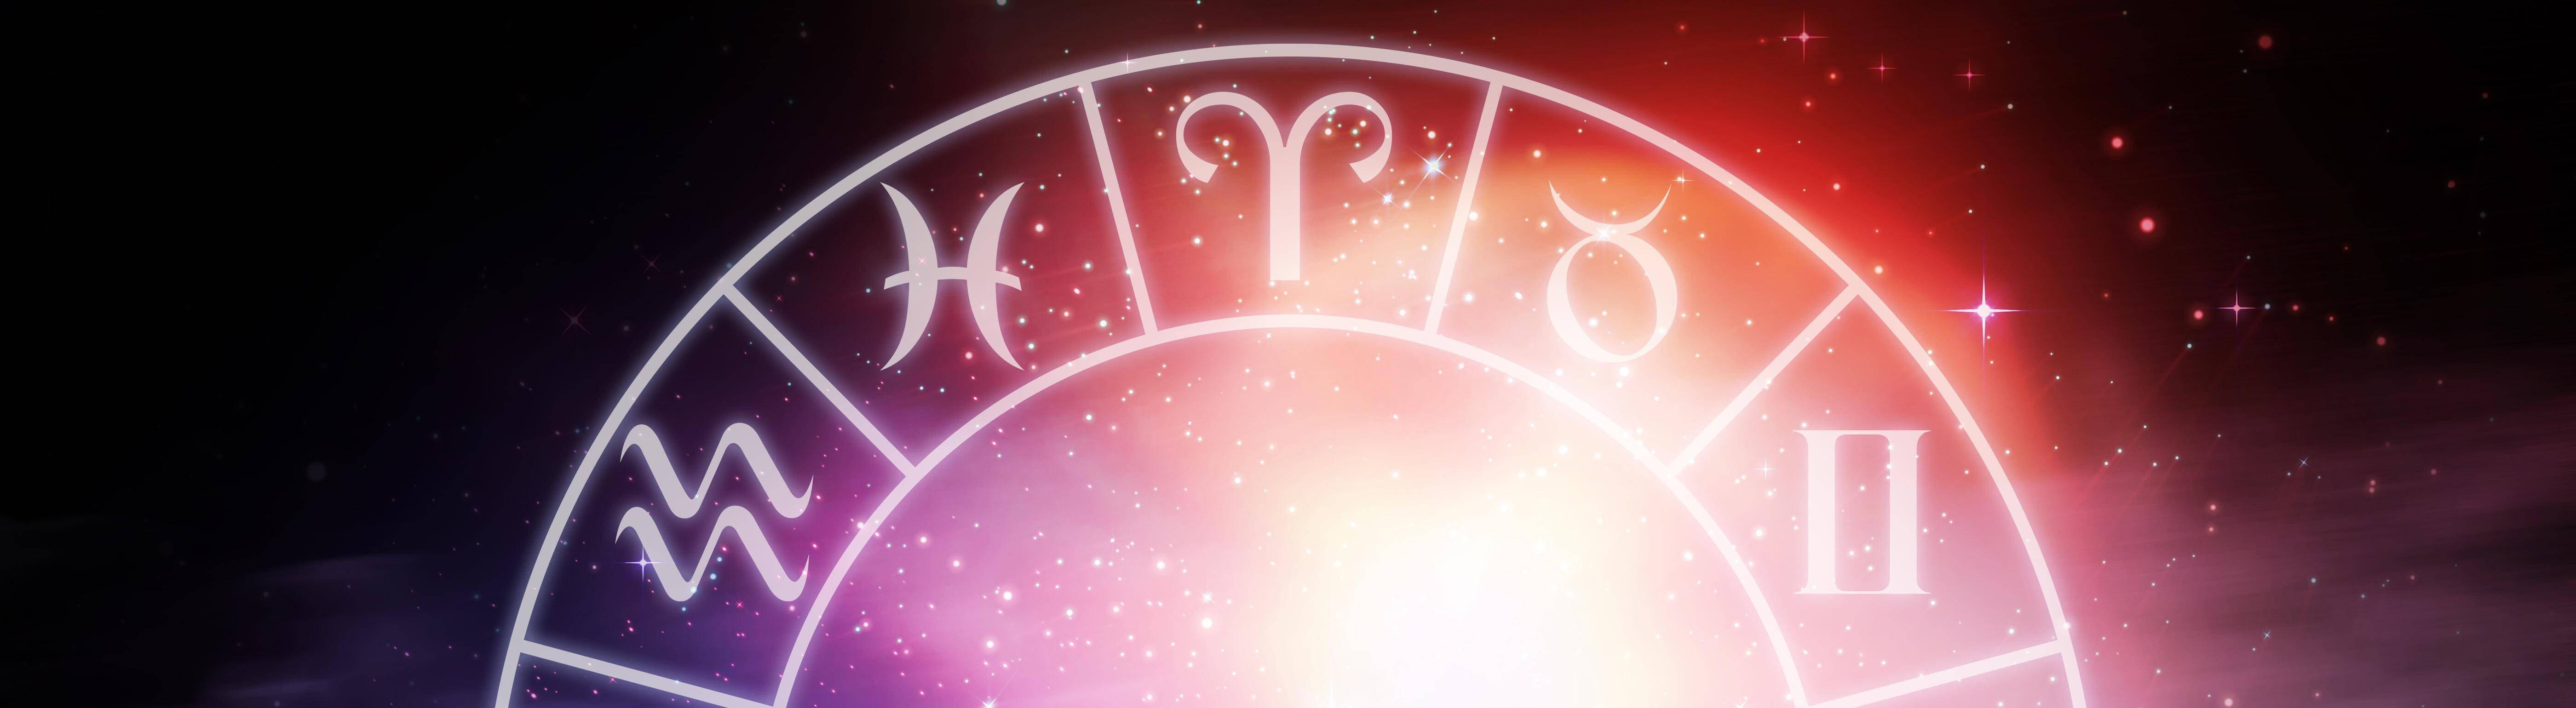 Eine Uhr mit den zwölf Sternzeichen